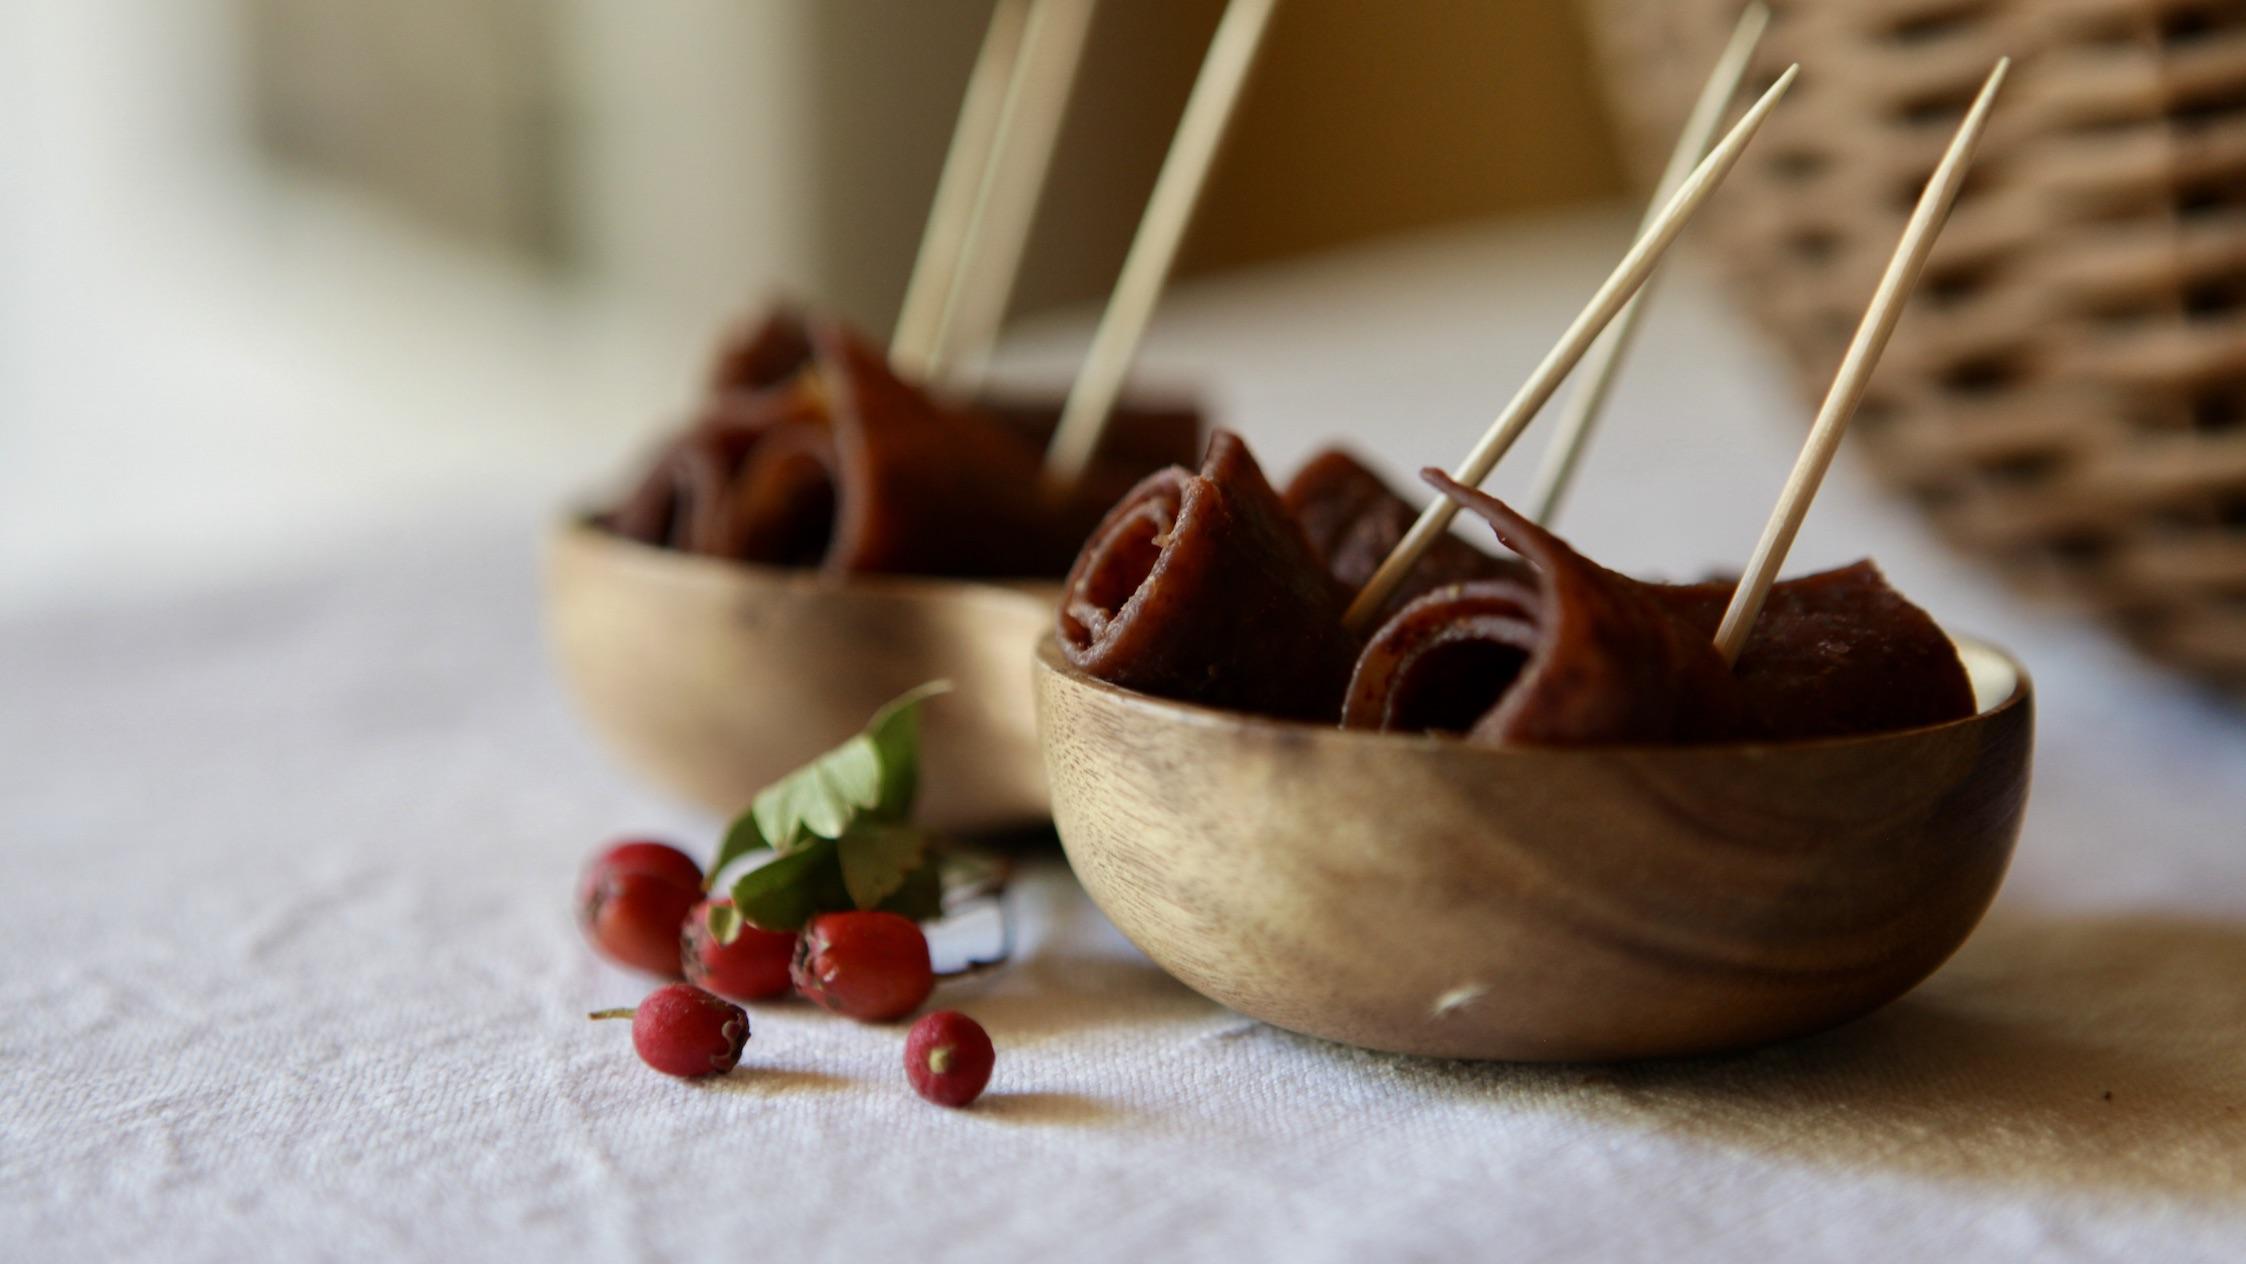 cuir de fruits cenelles